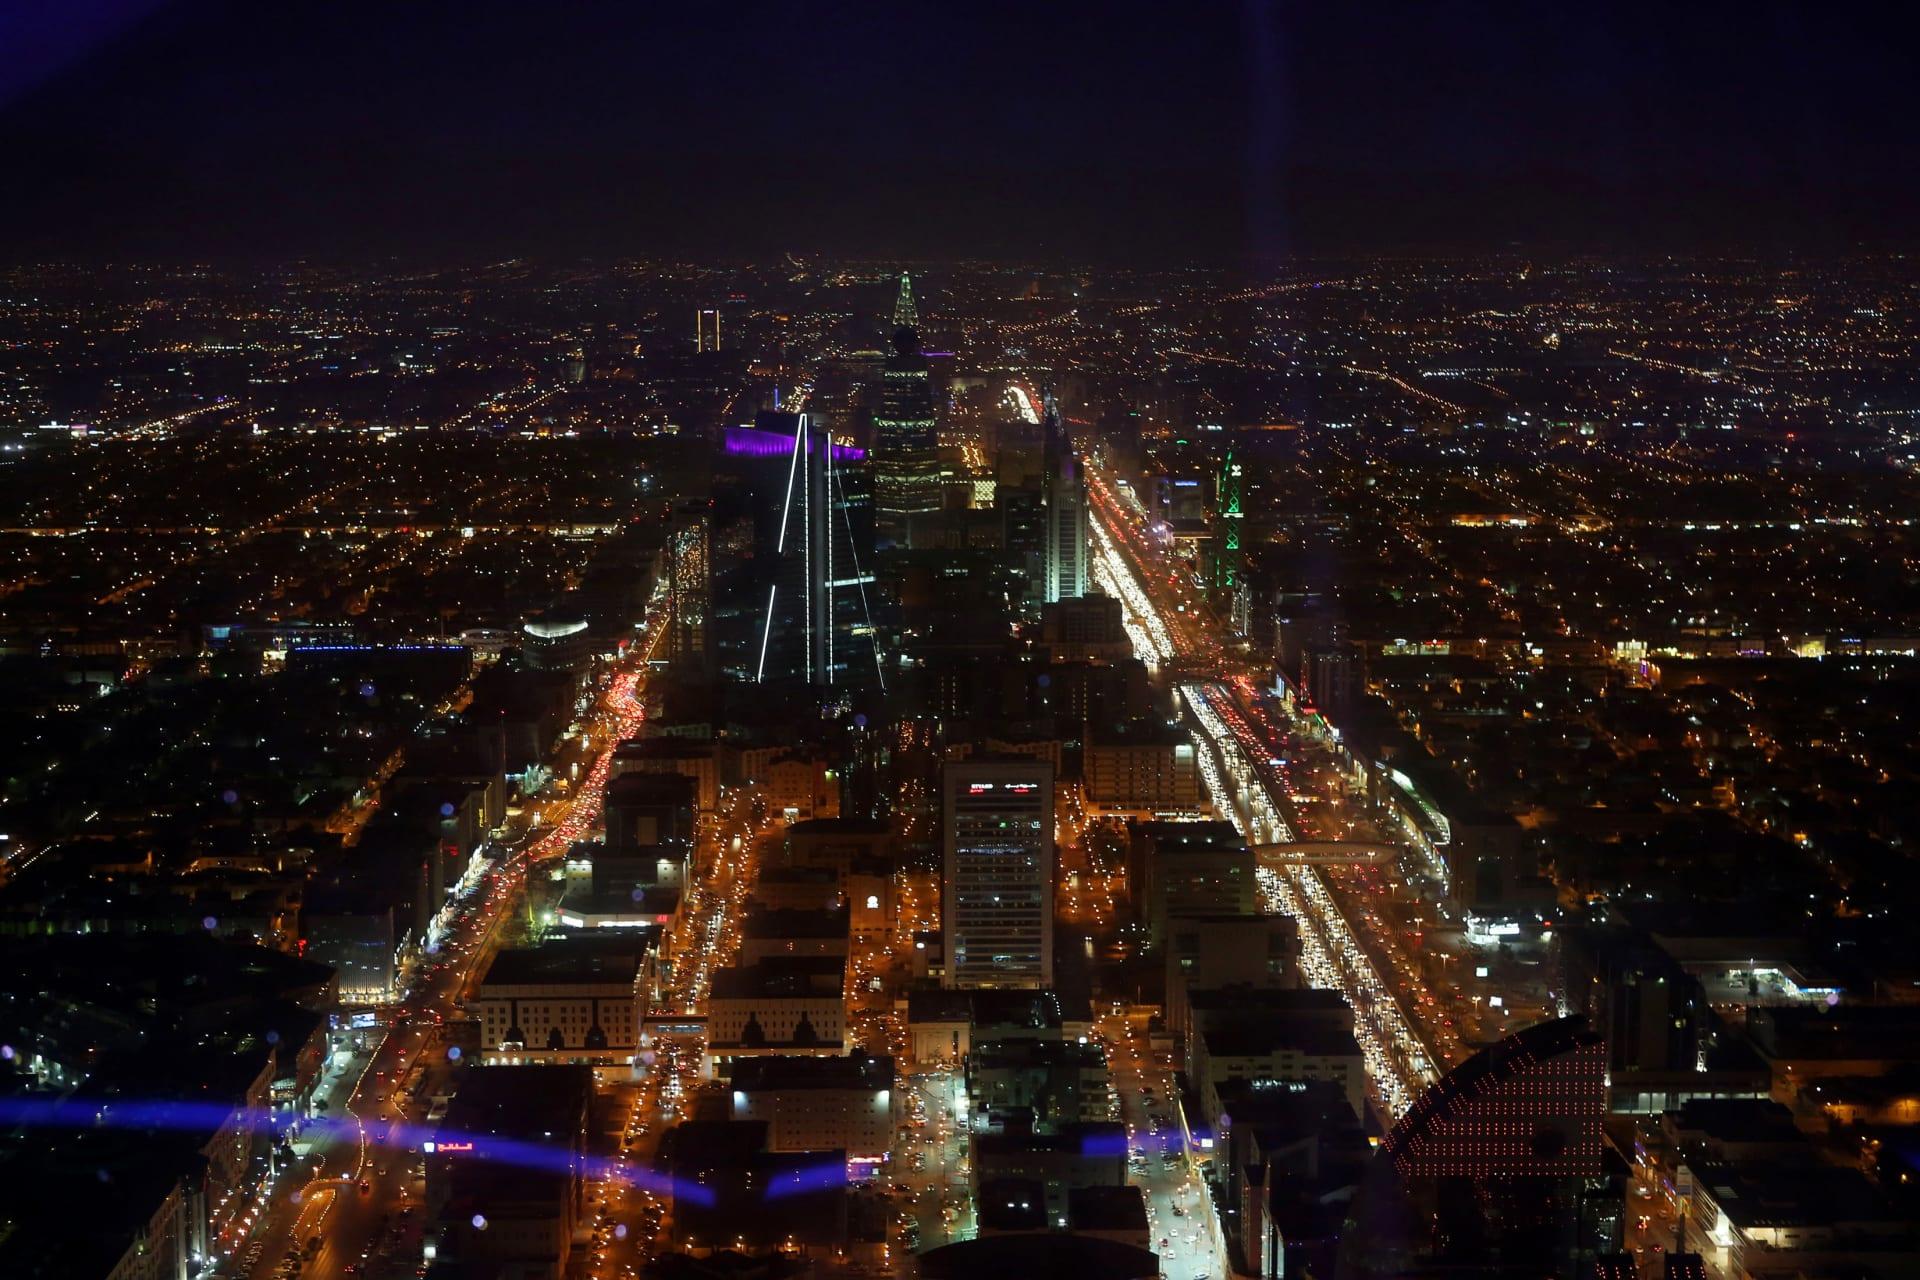 السعودية.. السماح لموظفي القطاع الخاص بالحضور إلى المكاتب الرئيسية